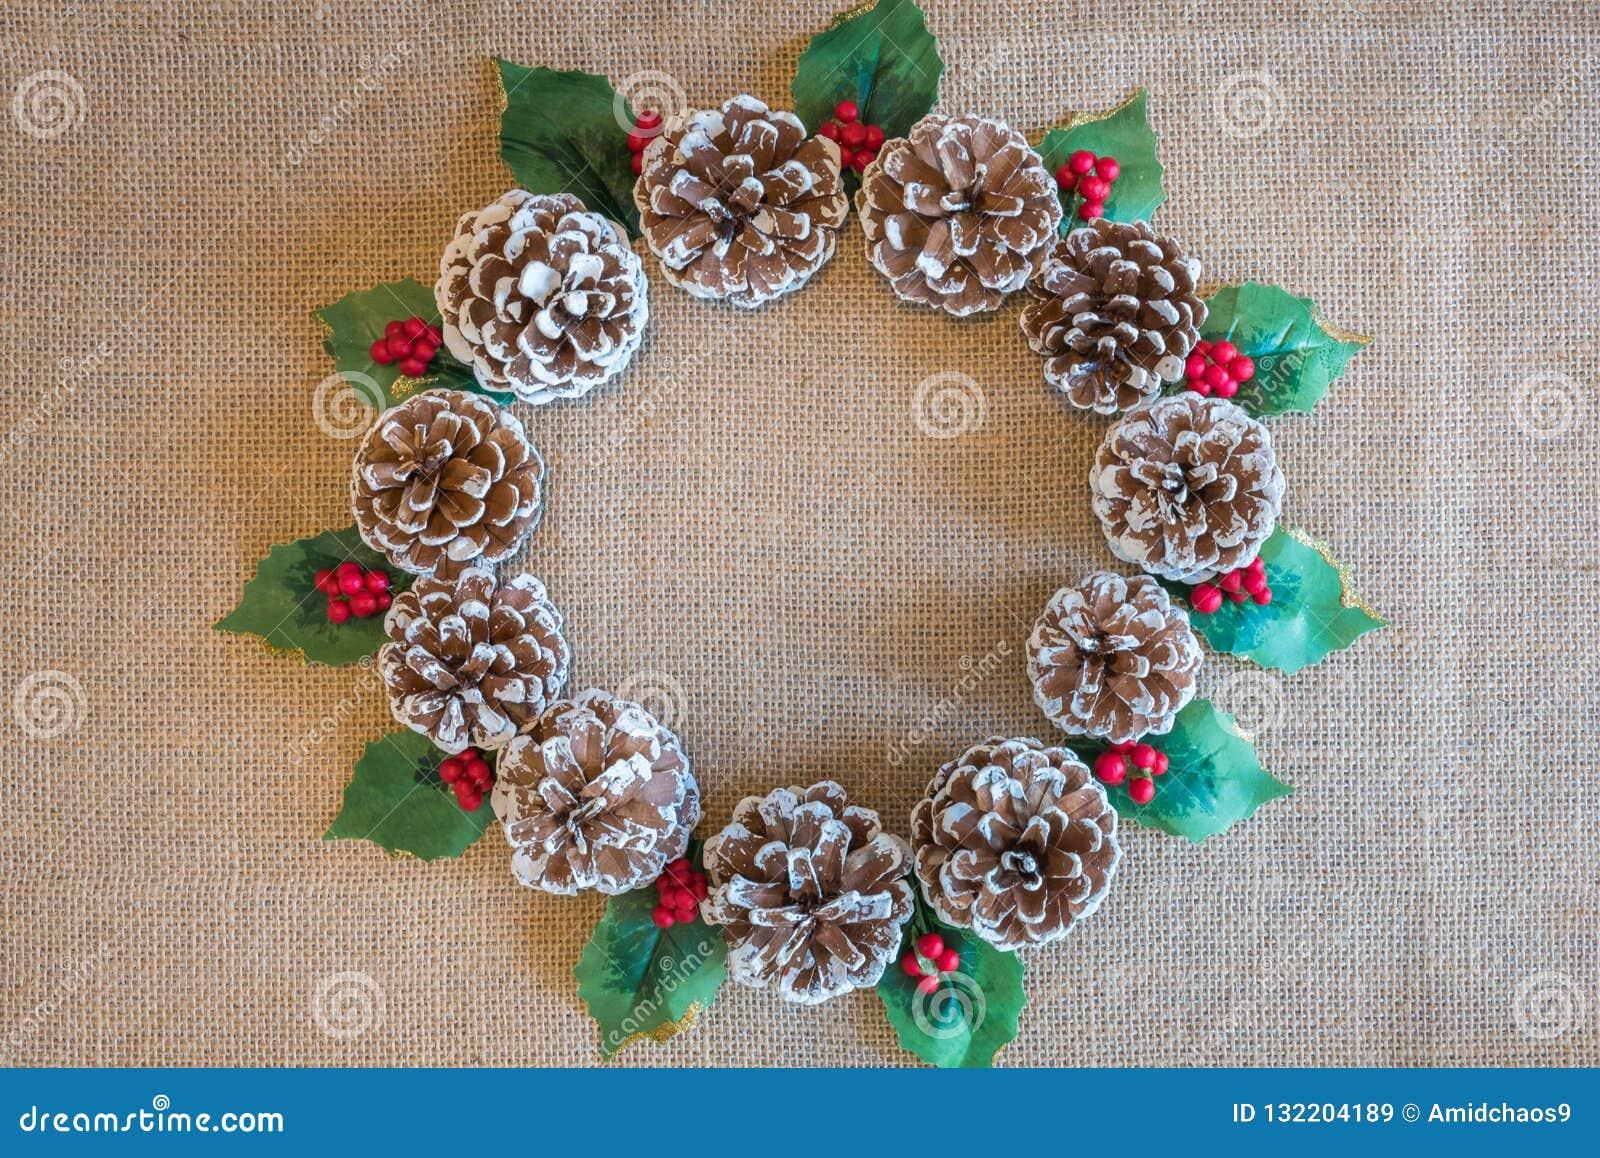 Bożenarodzeniowy wianek pinecones, uświęconi liście i czerwone jagody na nieociosanym tkaniny tle,